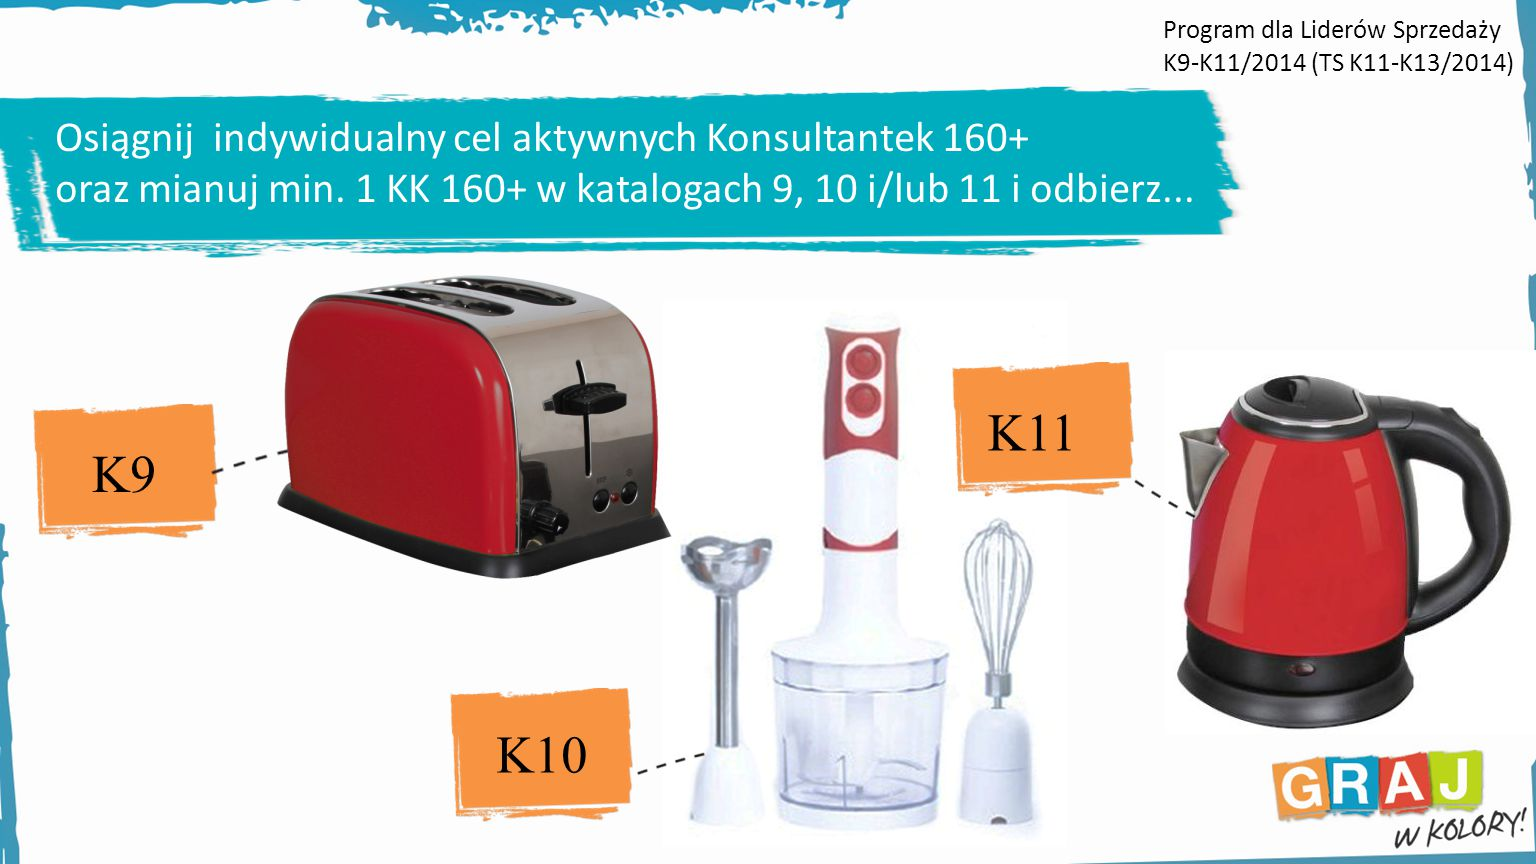 K11 K9 K10 Osiągnij indywidualny cel aktywnych Konsultantek 160+